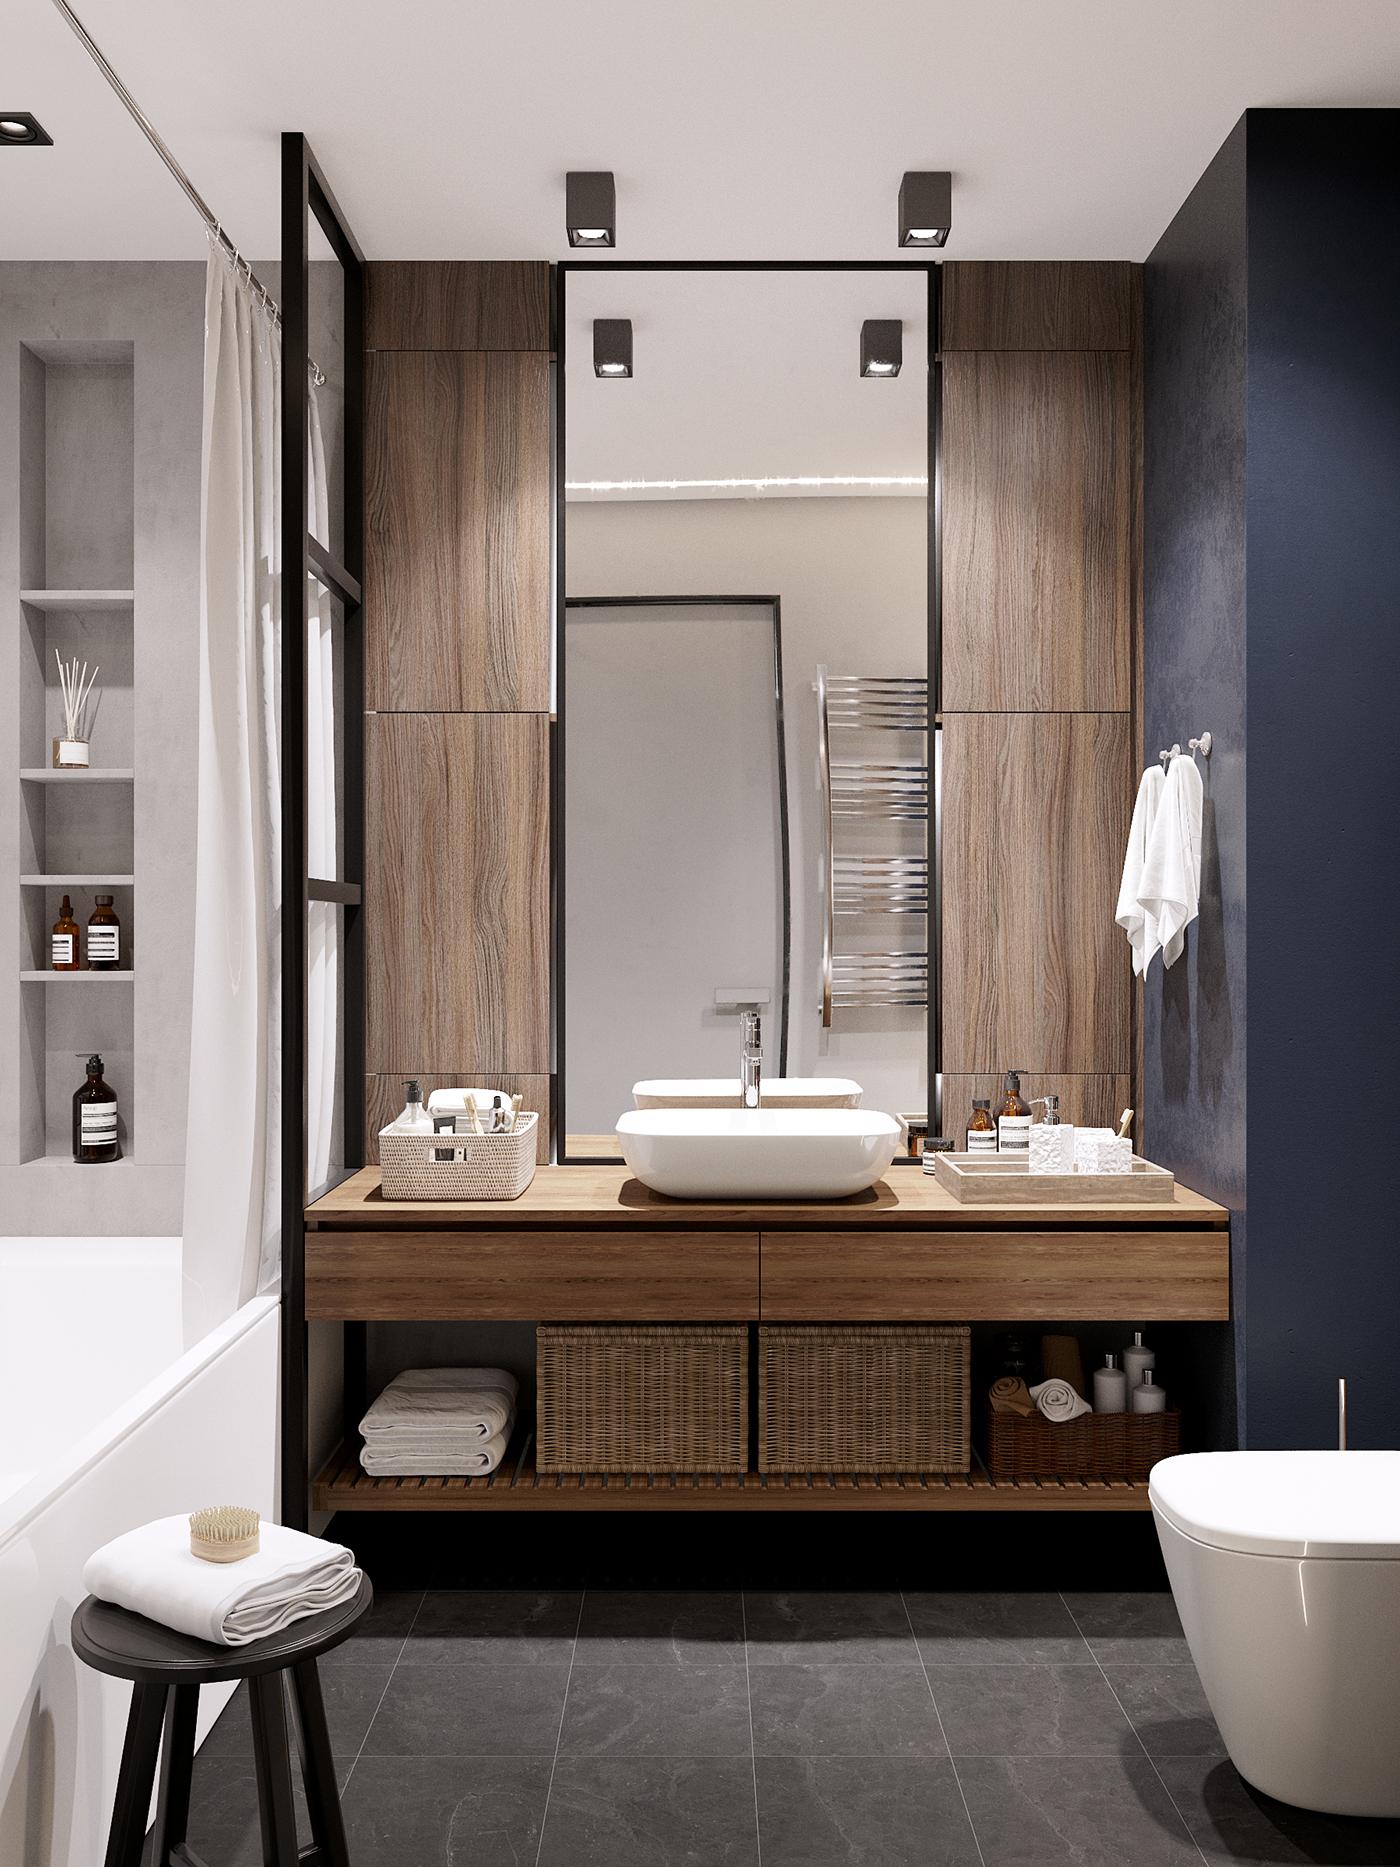 Top Deze kleine badkamer heeft een super leuk ontwerp gekregen &NZ35